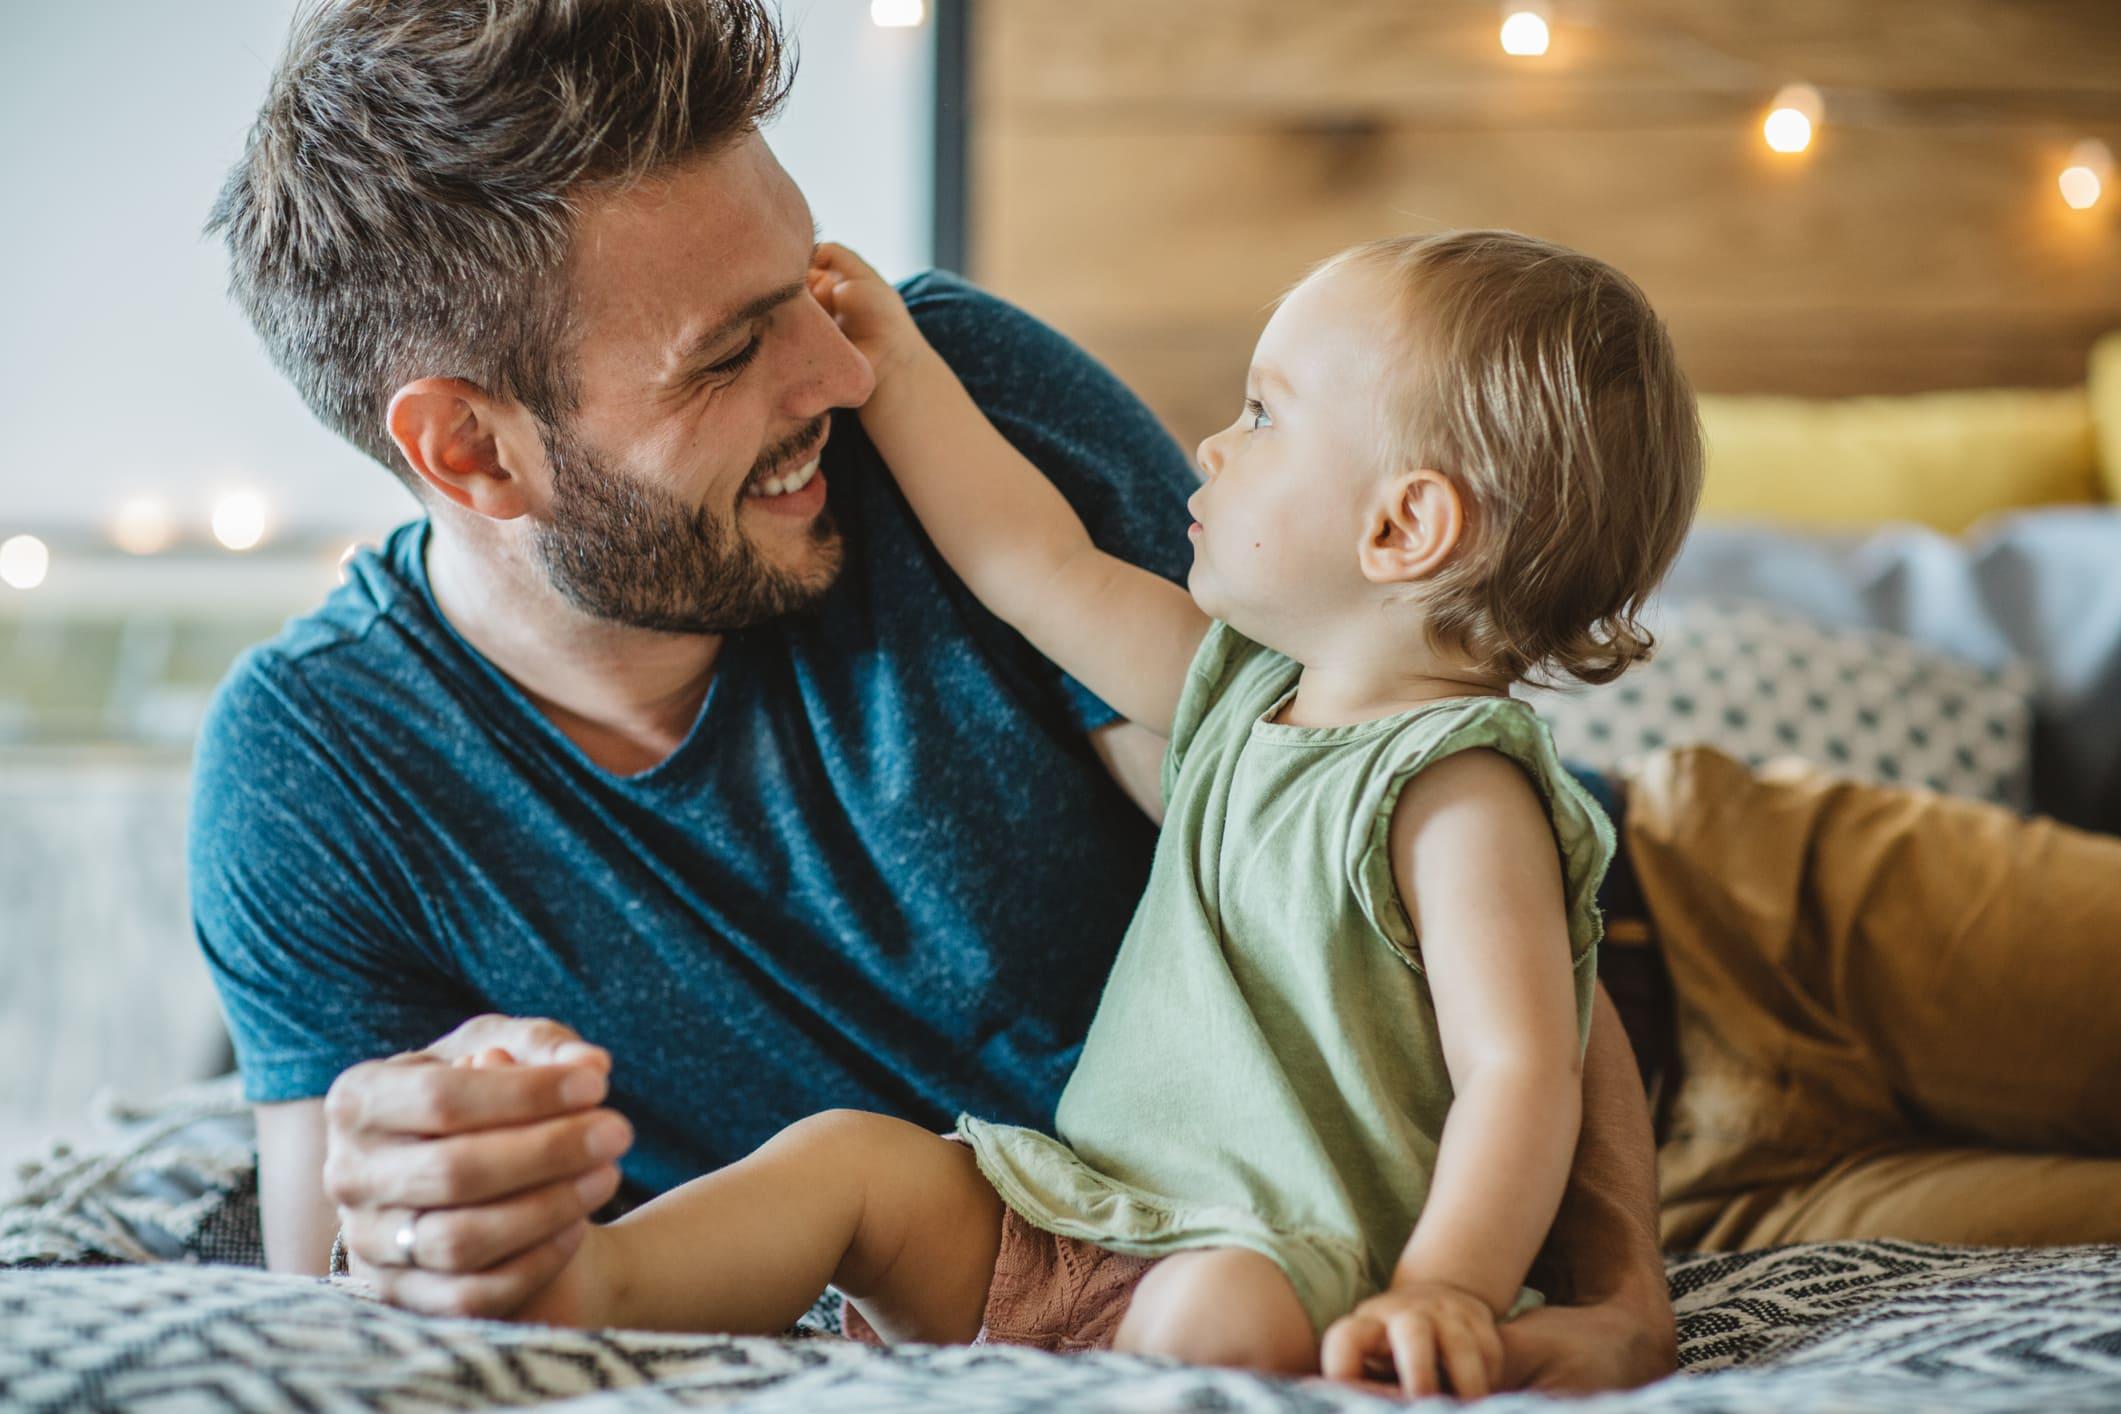 Seguridad infantil - Vive Más Vidas